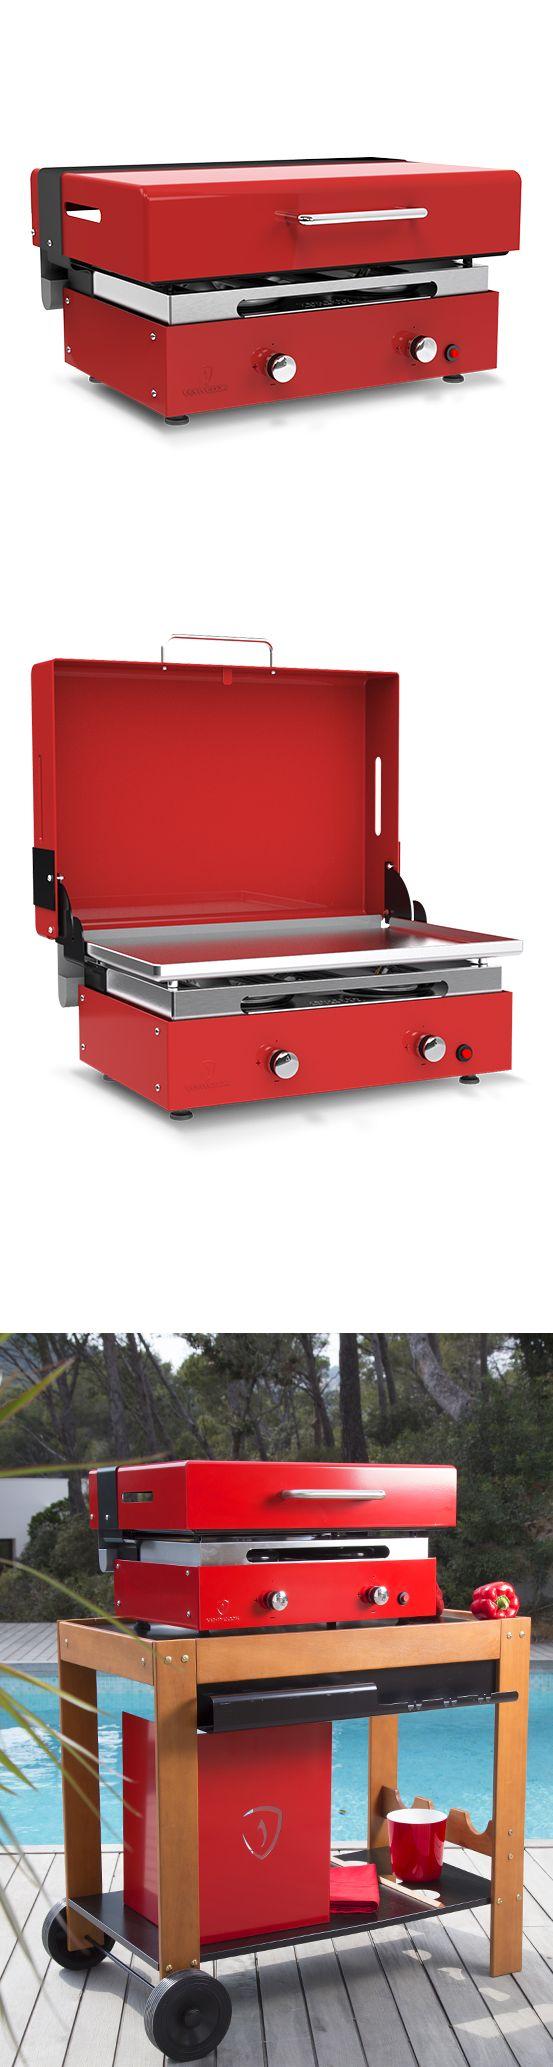 COUVERCLE DE CUISSON POUR PLANCHA Le couvercle de cuisson permet de sublimer vos cuissons à la plancha et de cuire une plus grande variété d'aliments. Il assure également la protection de la plaque de cuisson de votre plancha et vous protège des projections de matière grasse. Ce couvercle est l'accessoire idéal pour tous les fans de planchas party ! http://www.verycook.com/accessoire-plancha/couvercle-cuisson-plancha-231